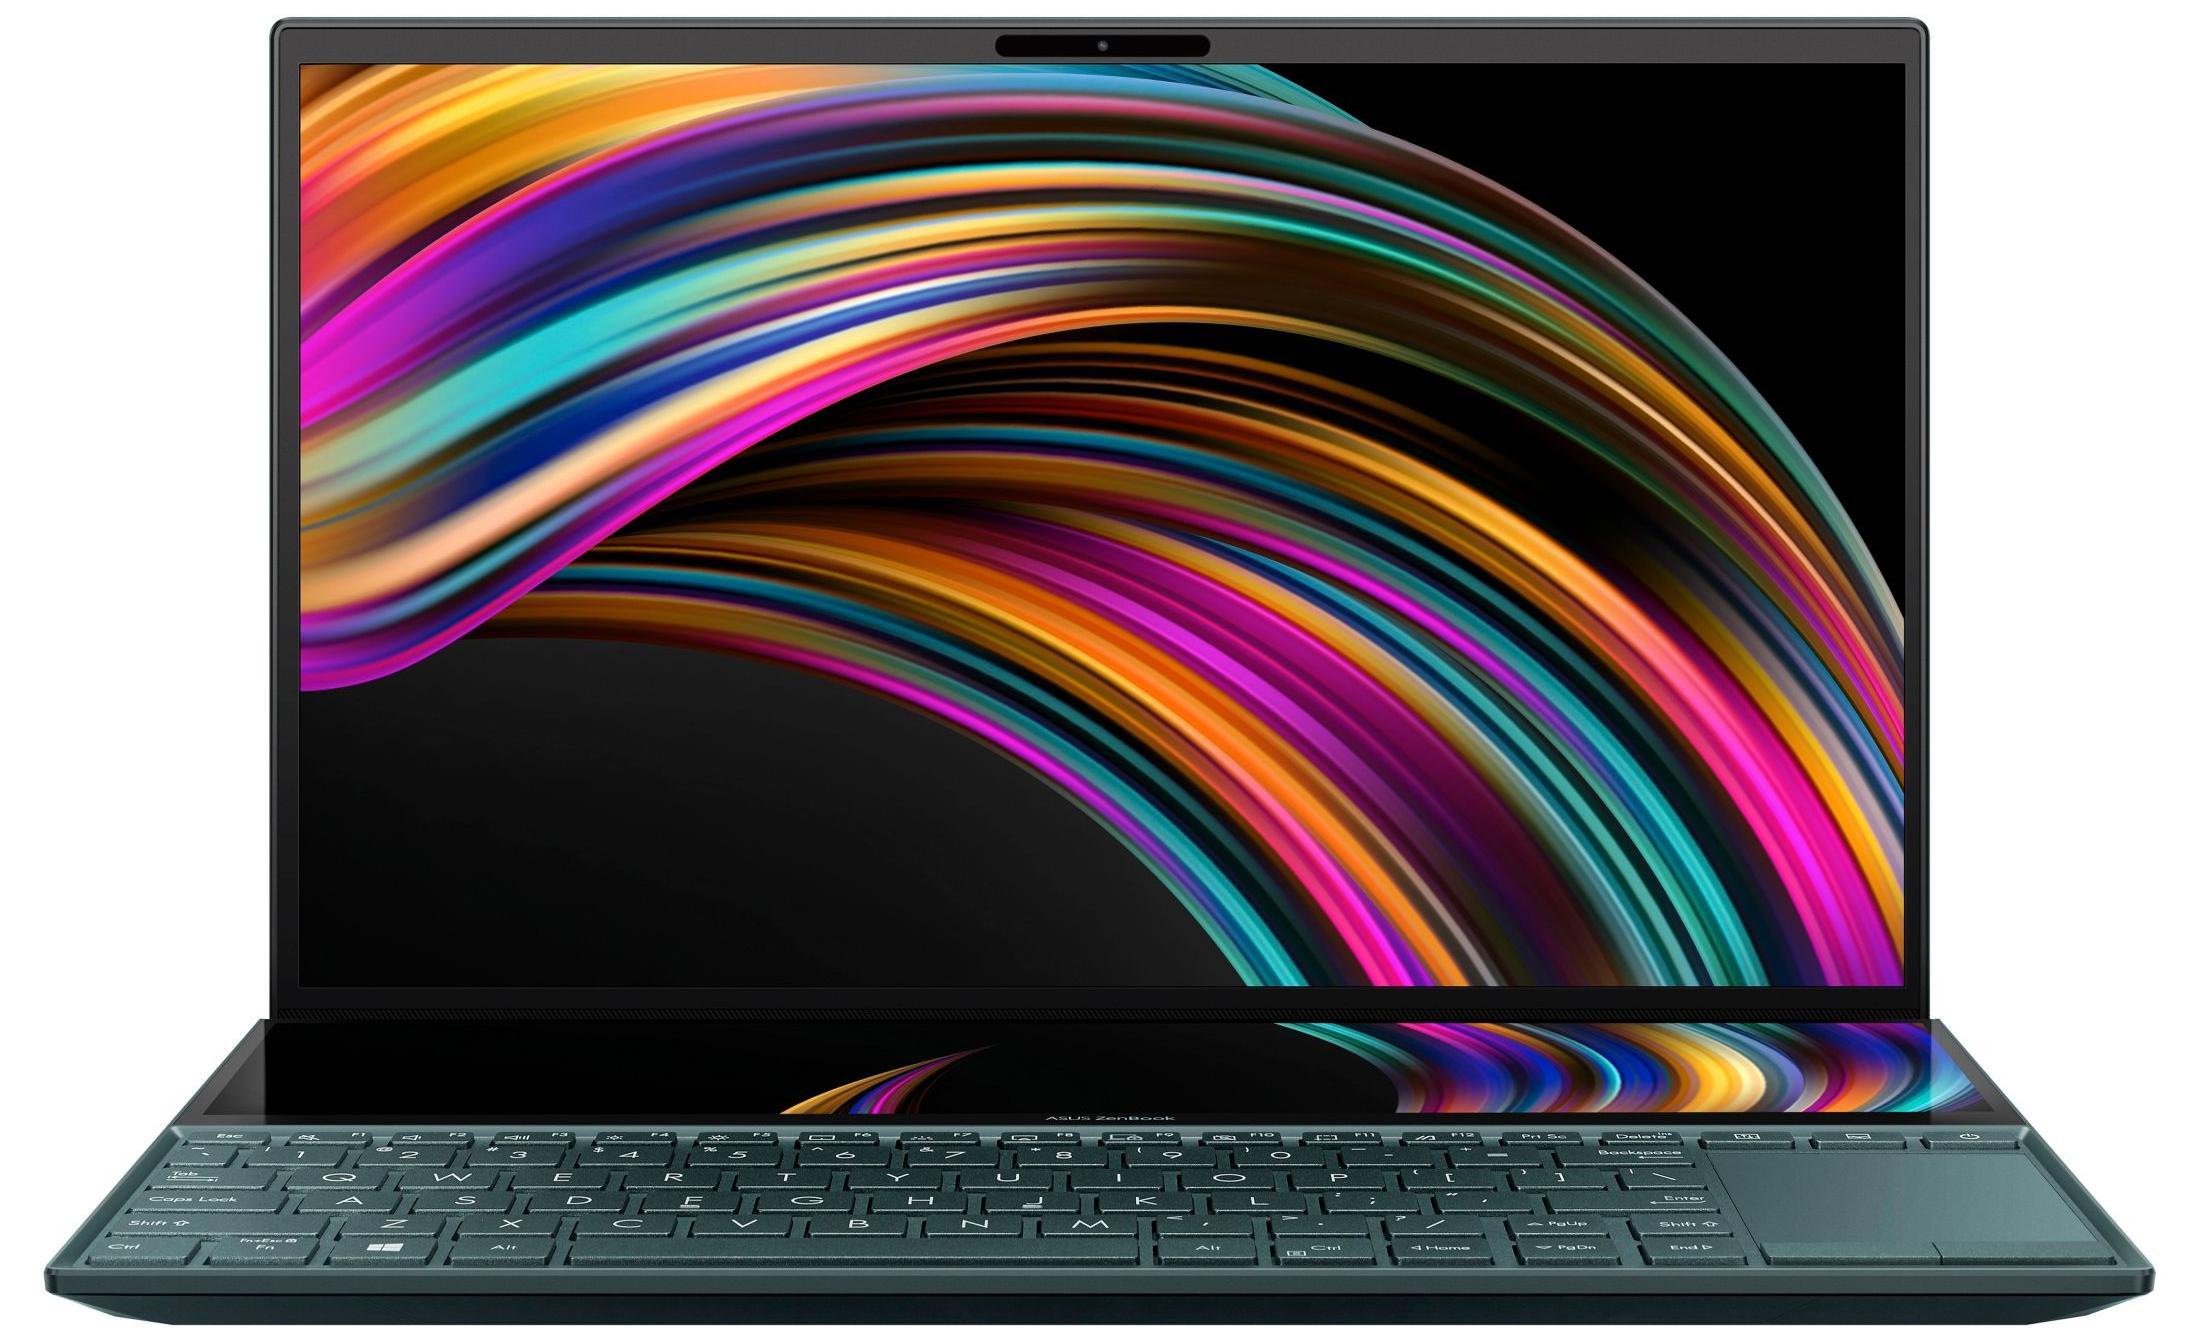 """PC portable 14""""AsusZenbook Duo UX481FA-BM023T (Via ODR de 100€) - Intel Core i5-10210U, 8 Go de RAm, SSD 512Go"""